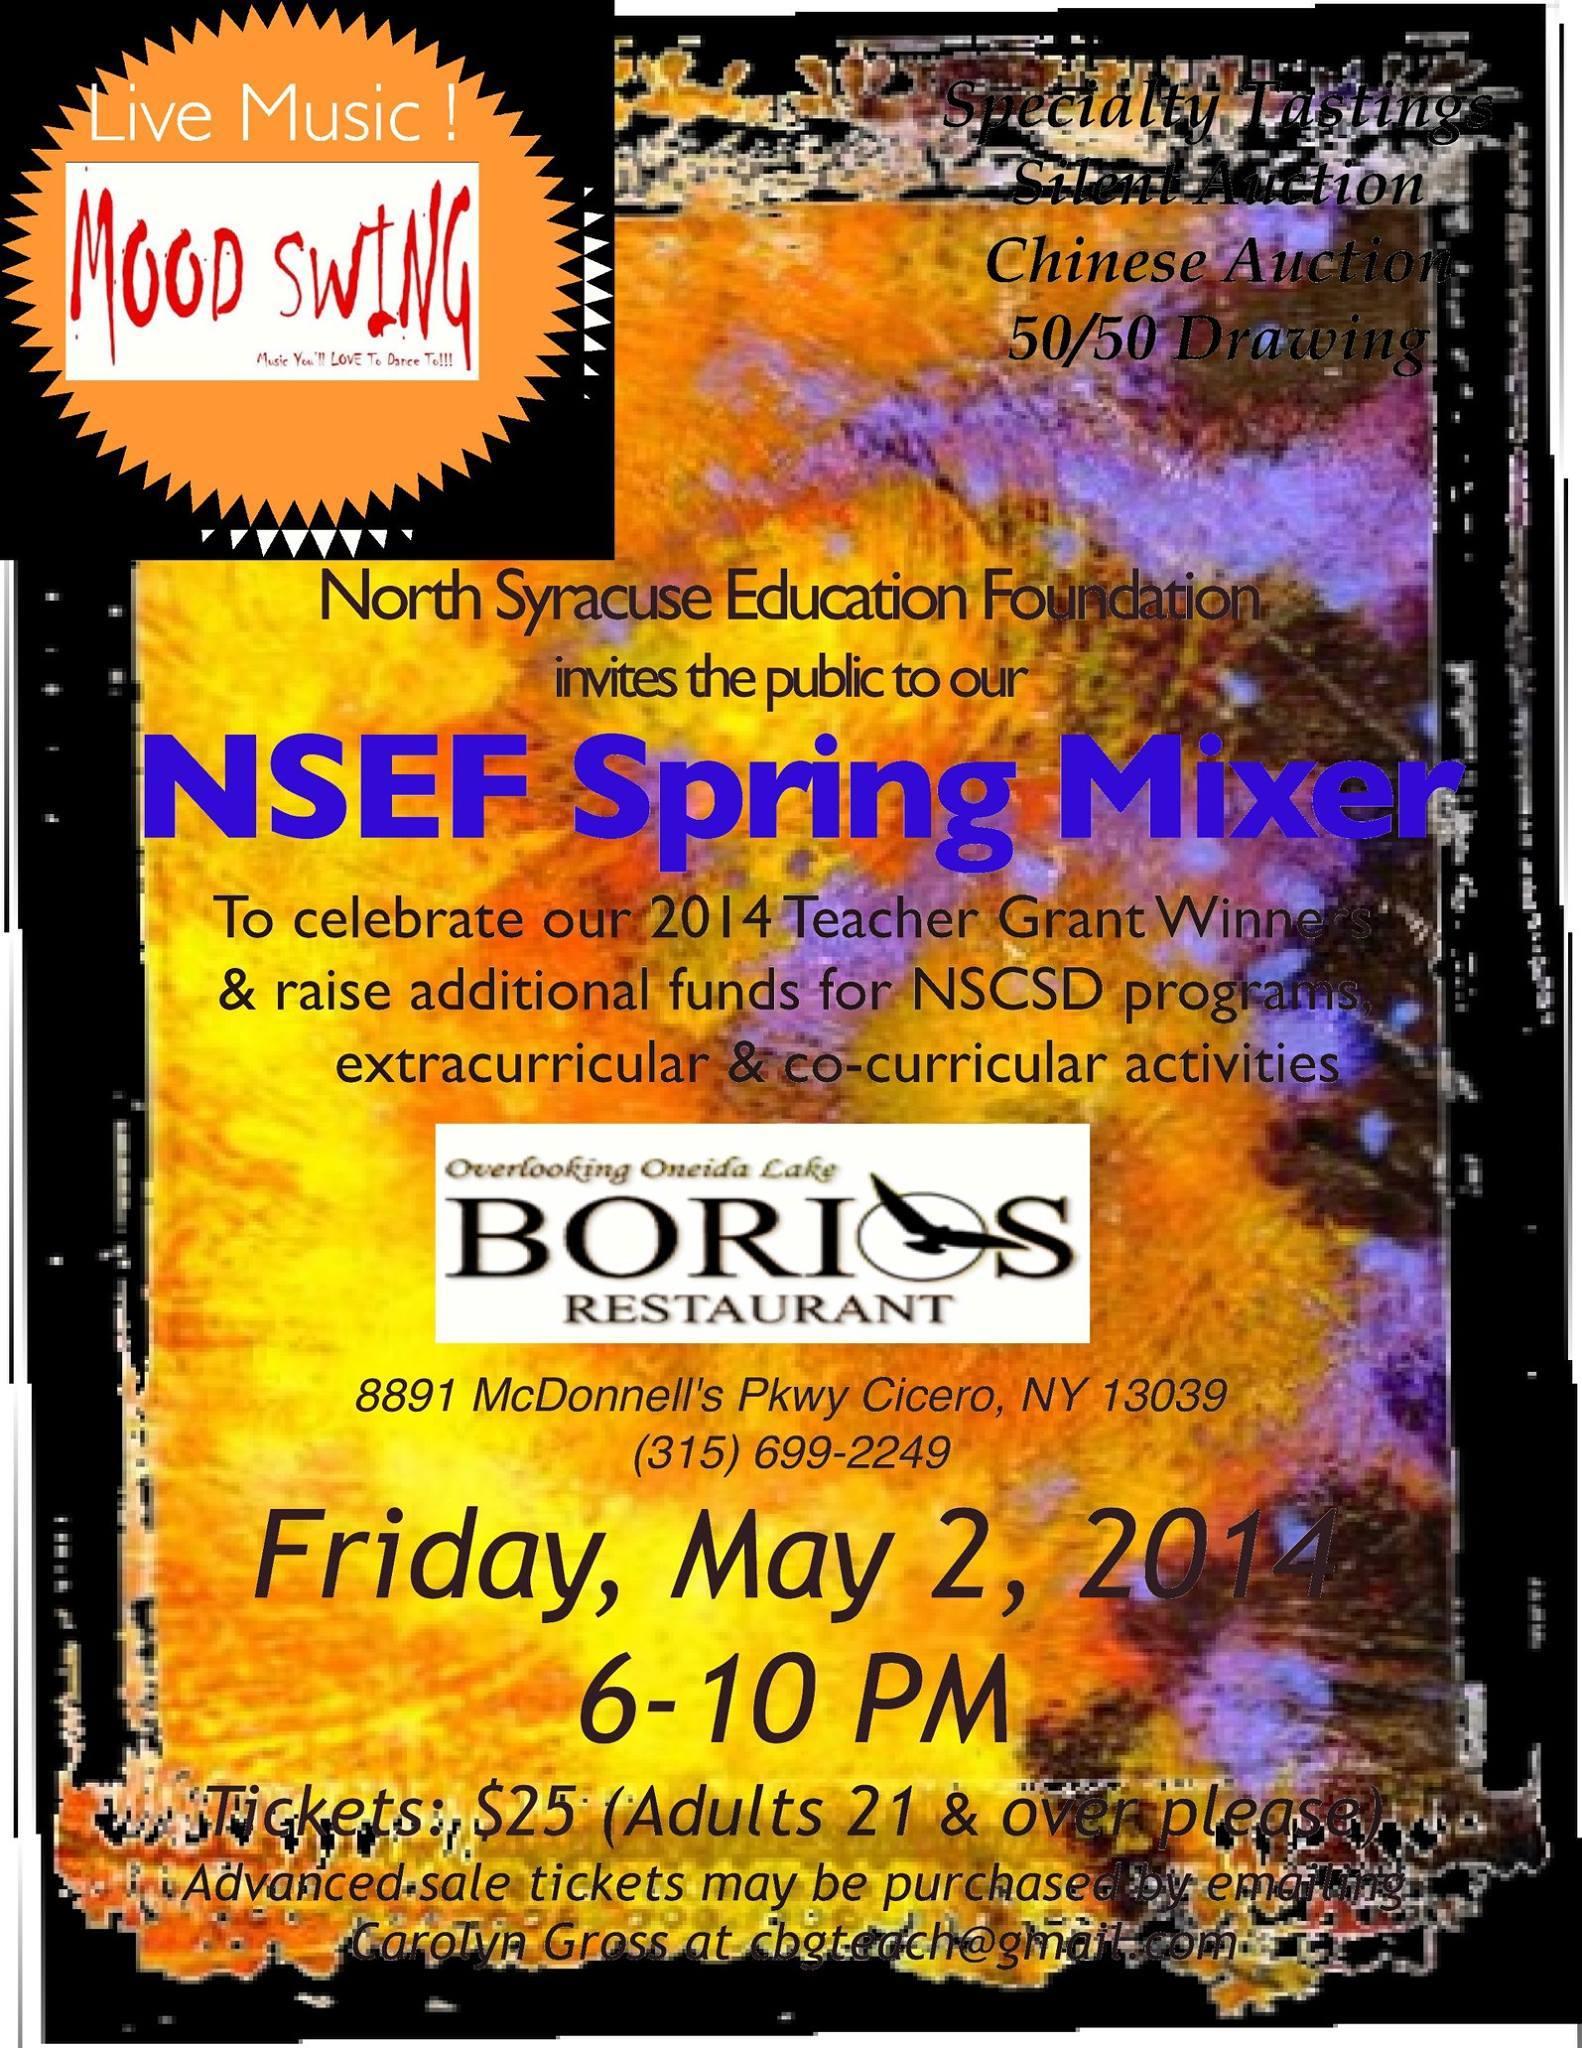 NSEF Poster